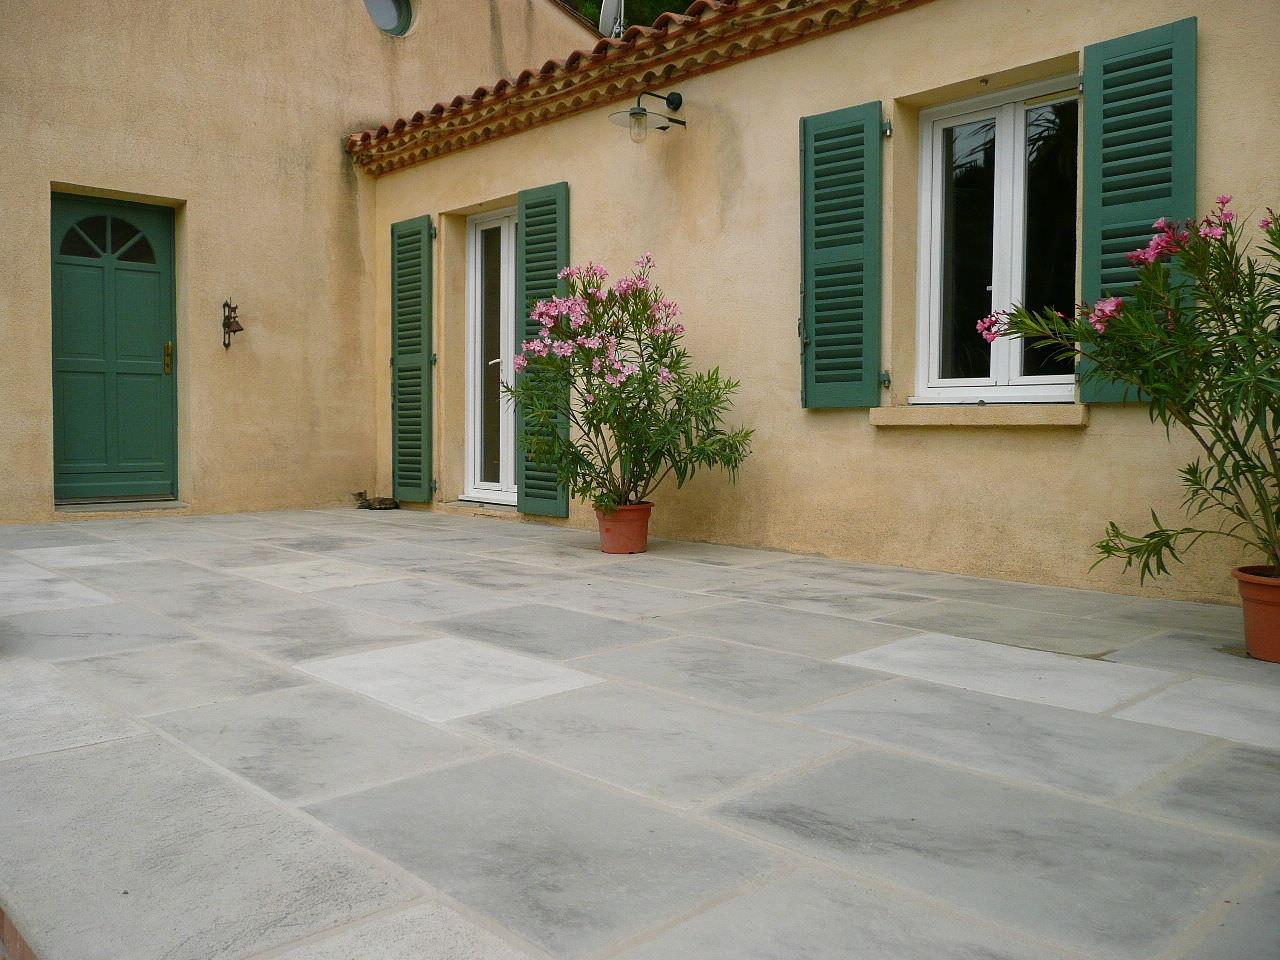 Outdoor tile for floors concrete matte exterieur vieille outdoor tile for floors concrete matte exterieur vieille demeure rouviere dailygadgetfo Images